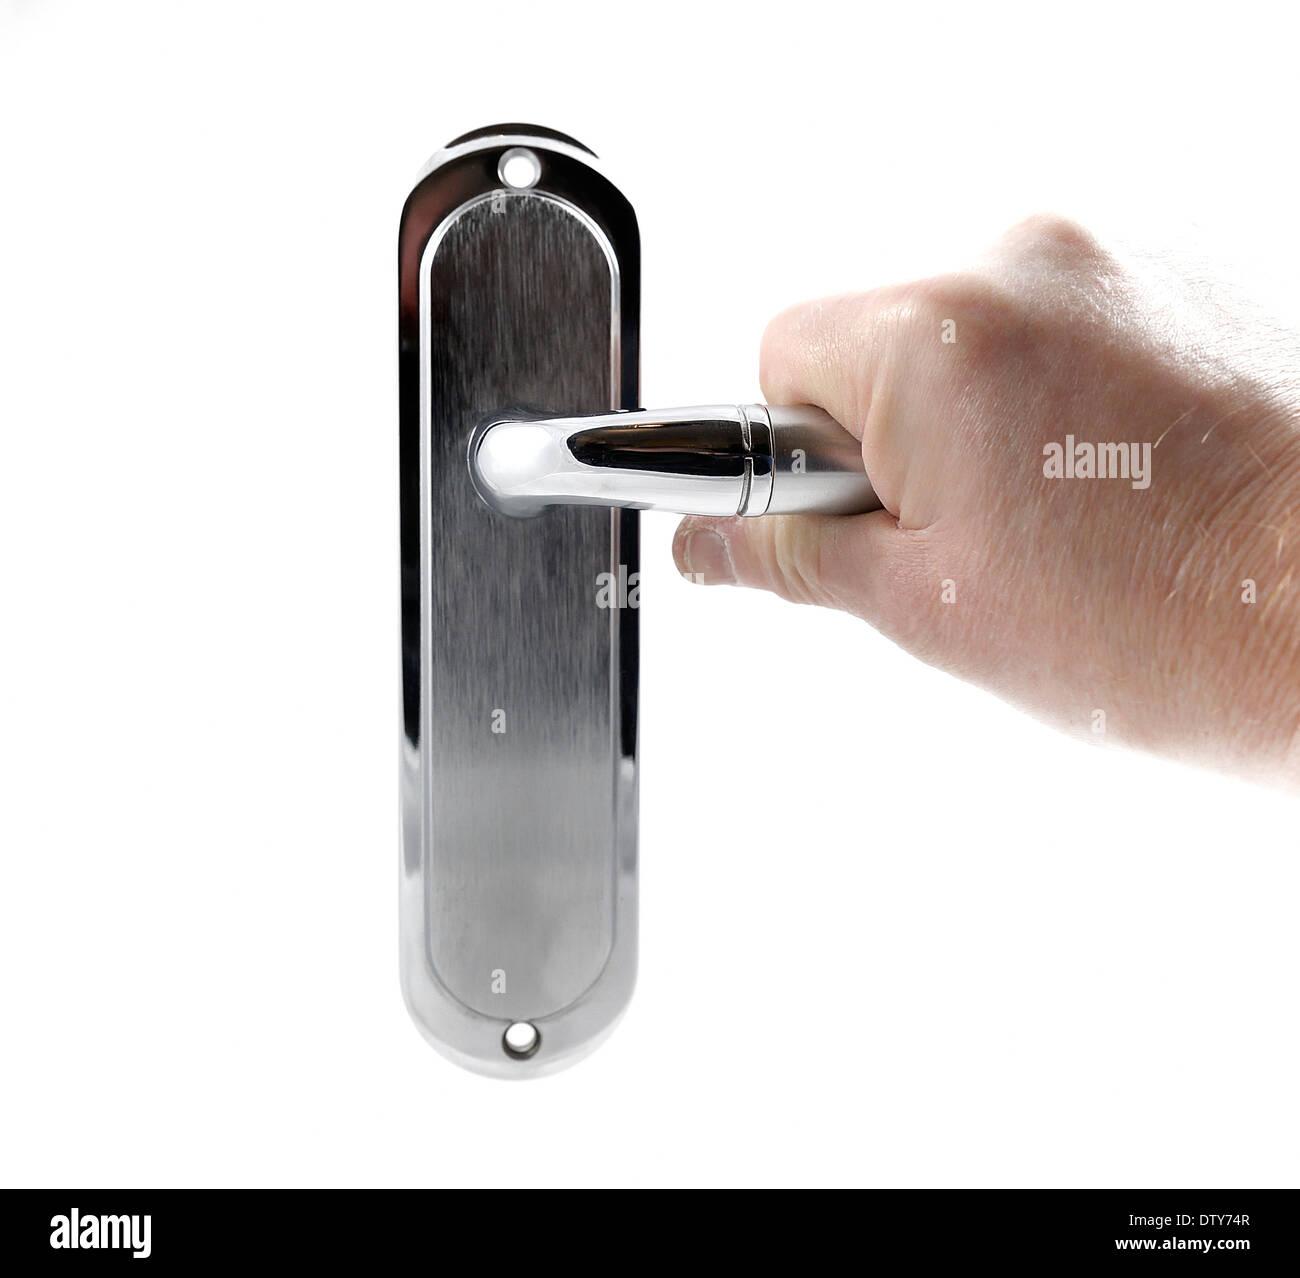 male hand opening door door handle on a white background - Stock Image